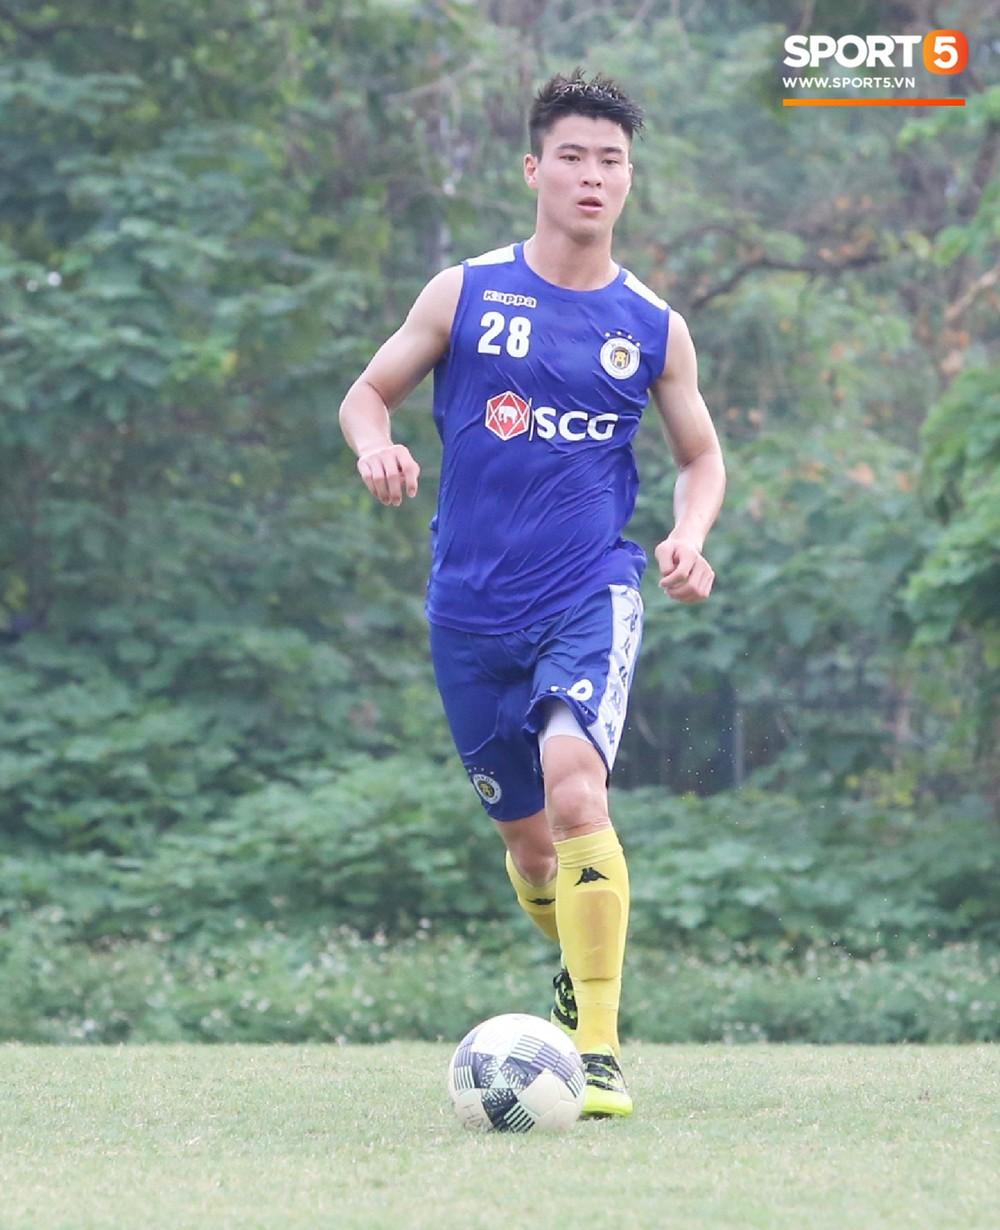 Duy Mạnh vừa trở lại, Hà Nội FC lại thiệt quân khi mất tân binh tuyển Quốc gia trước đại chiến với HAGL - Ảnh 6.